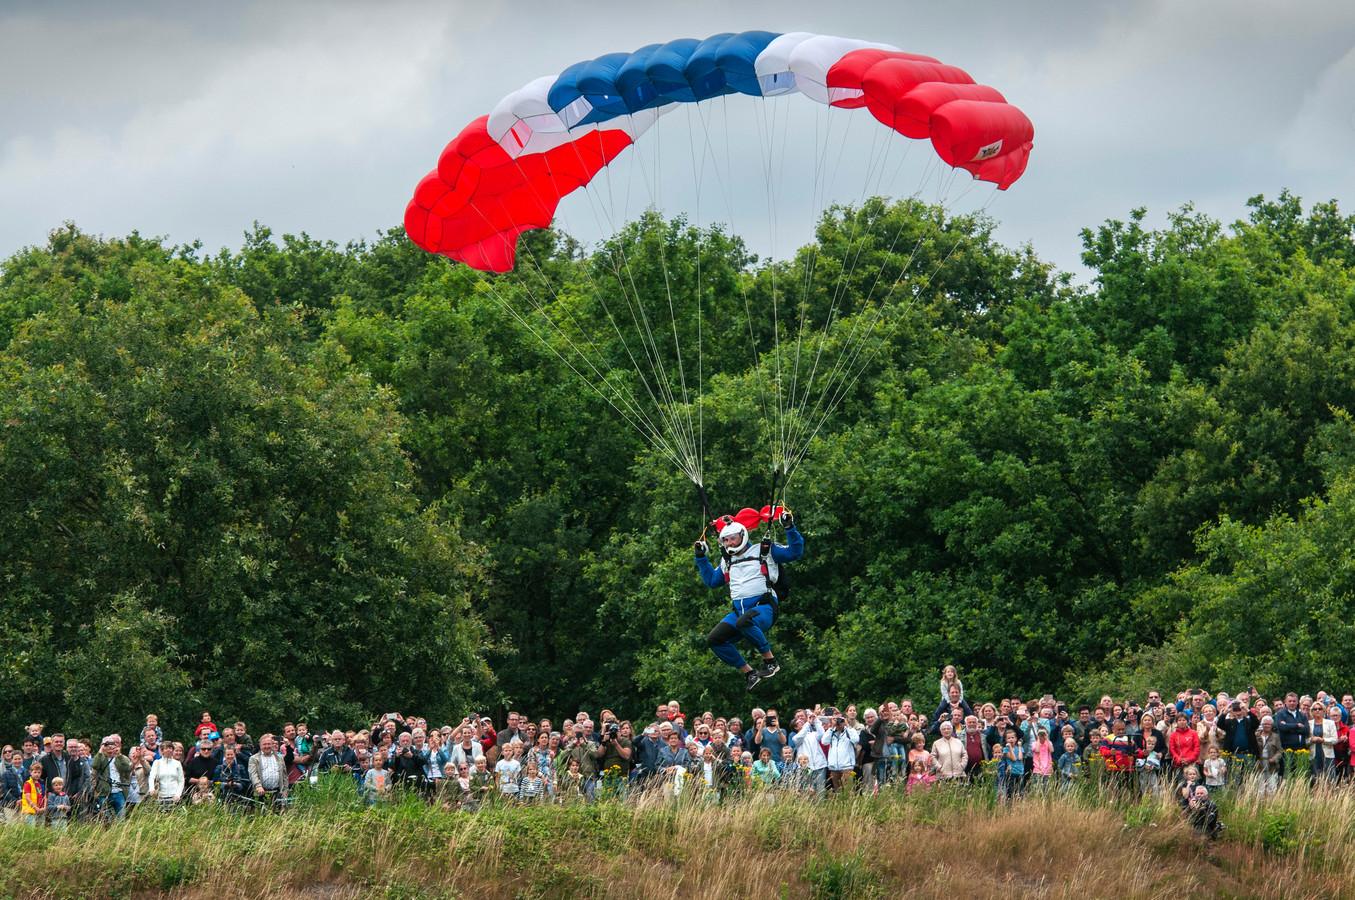 Een parachutist landt in de Gement bij Vught, vlakbij Fort Isabella. Het publiek op de Honderdmorgensedijk kijkt toe..